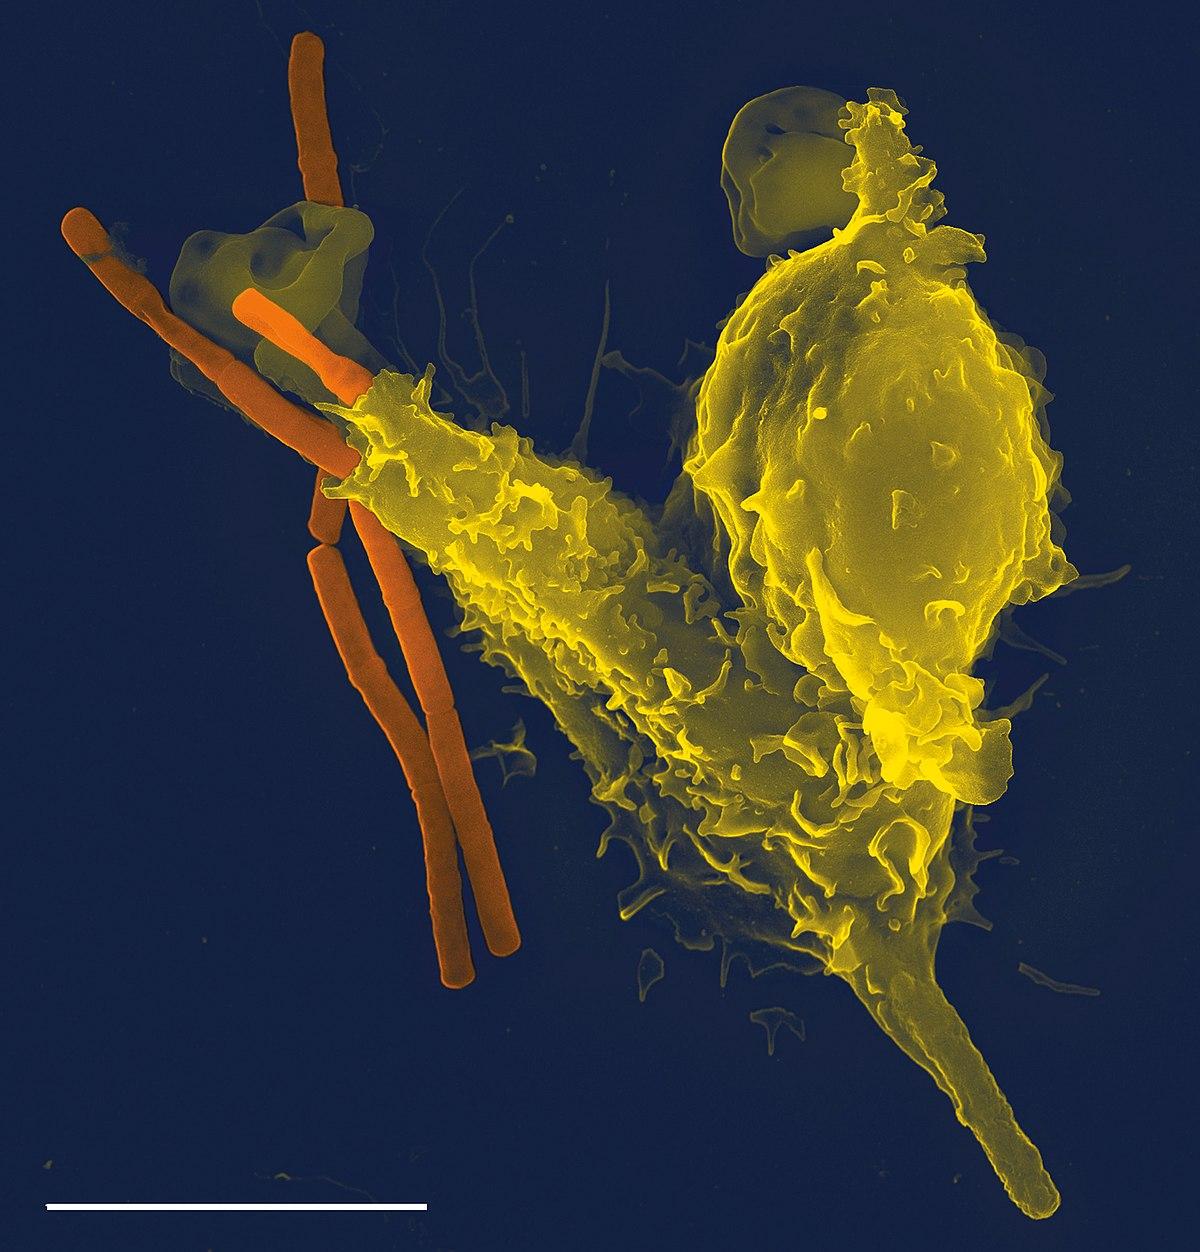 átlátszó vékony paraziták a parazitafertőzés kezelésének jelei